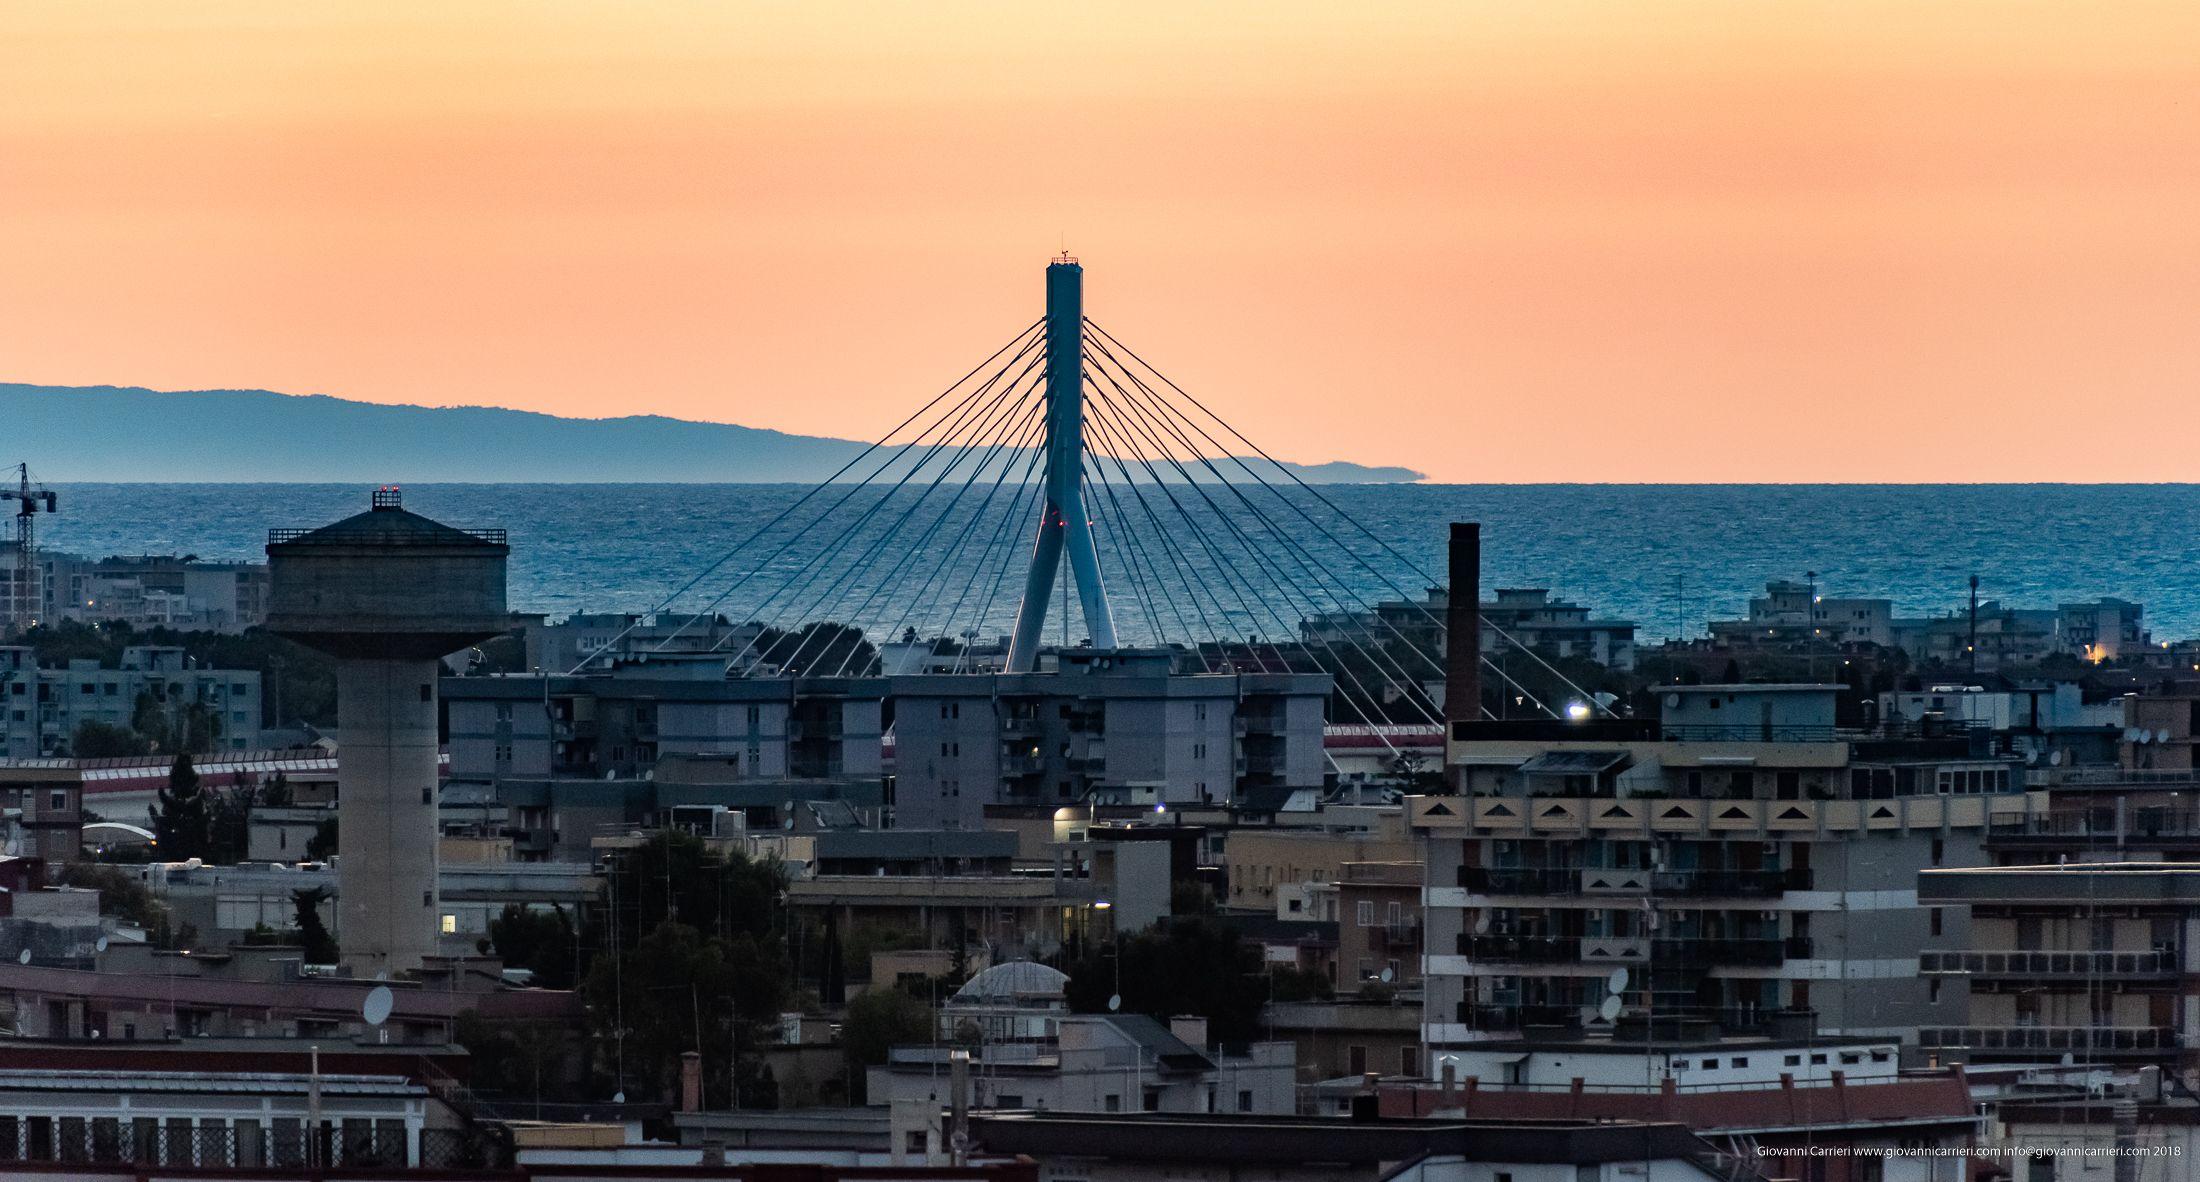 Panoramica di Bari con vista del ponte Adriatico e del Gargano